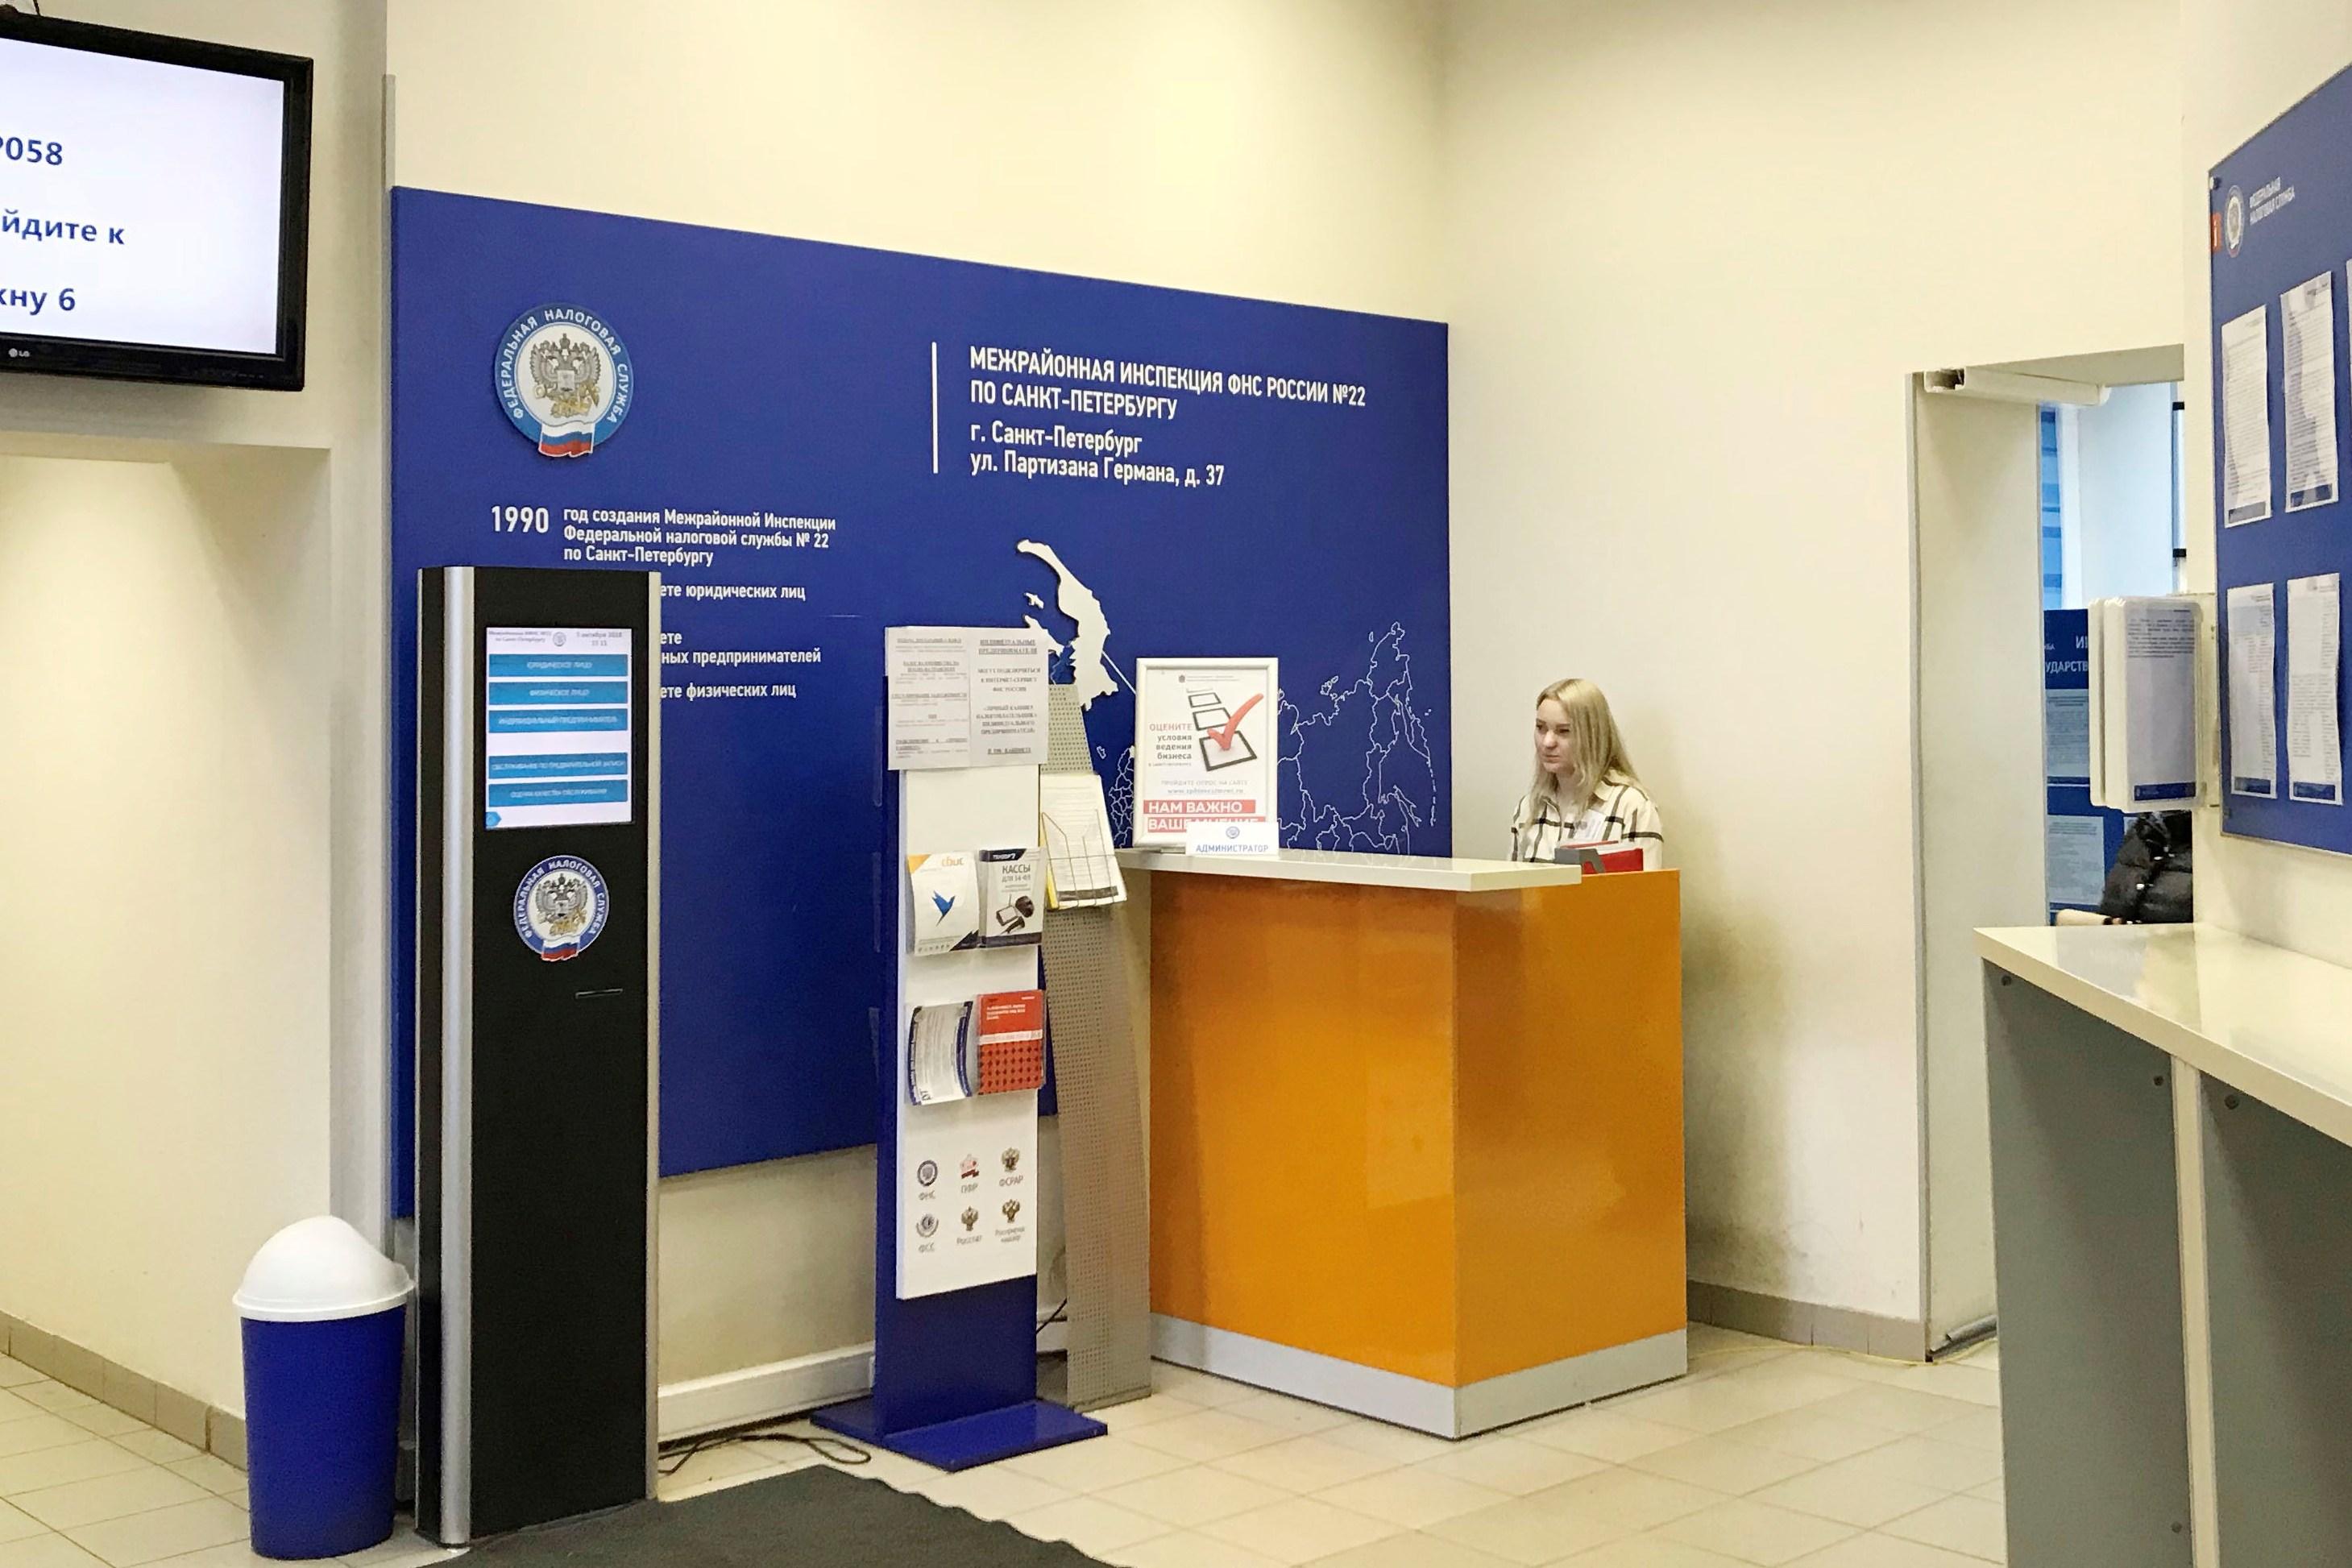 Мфц спб официальный сайт загранпаспорт